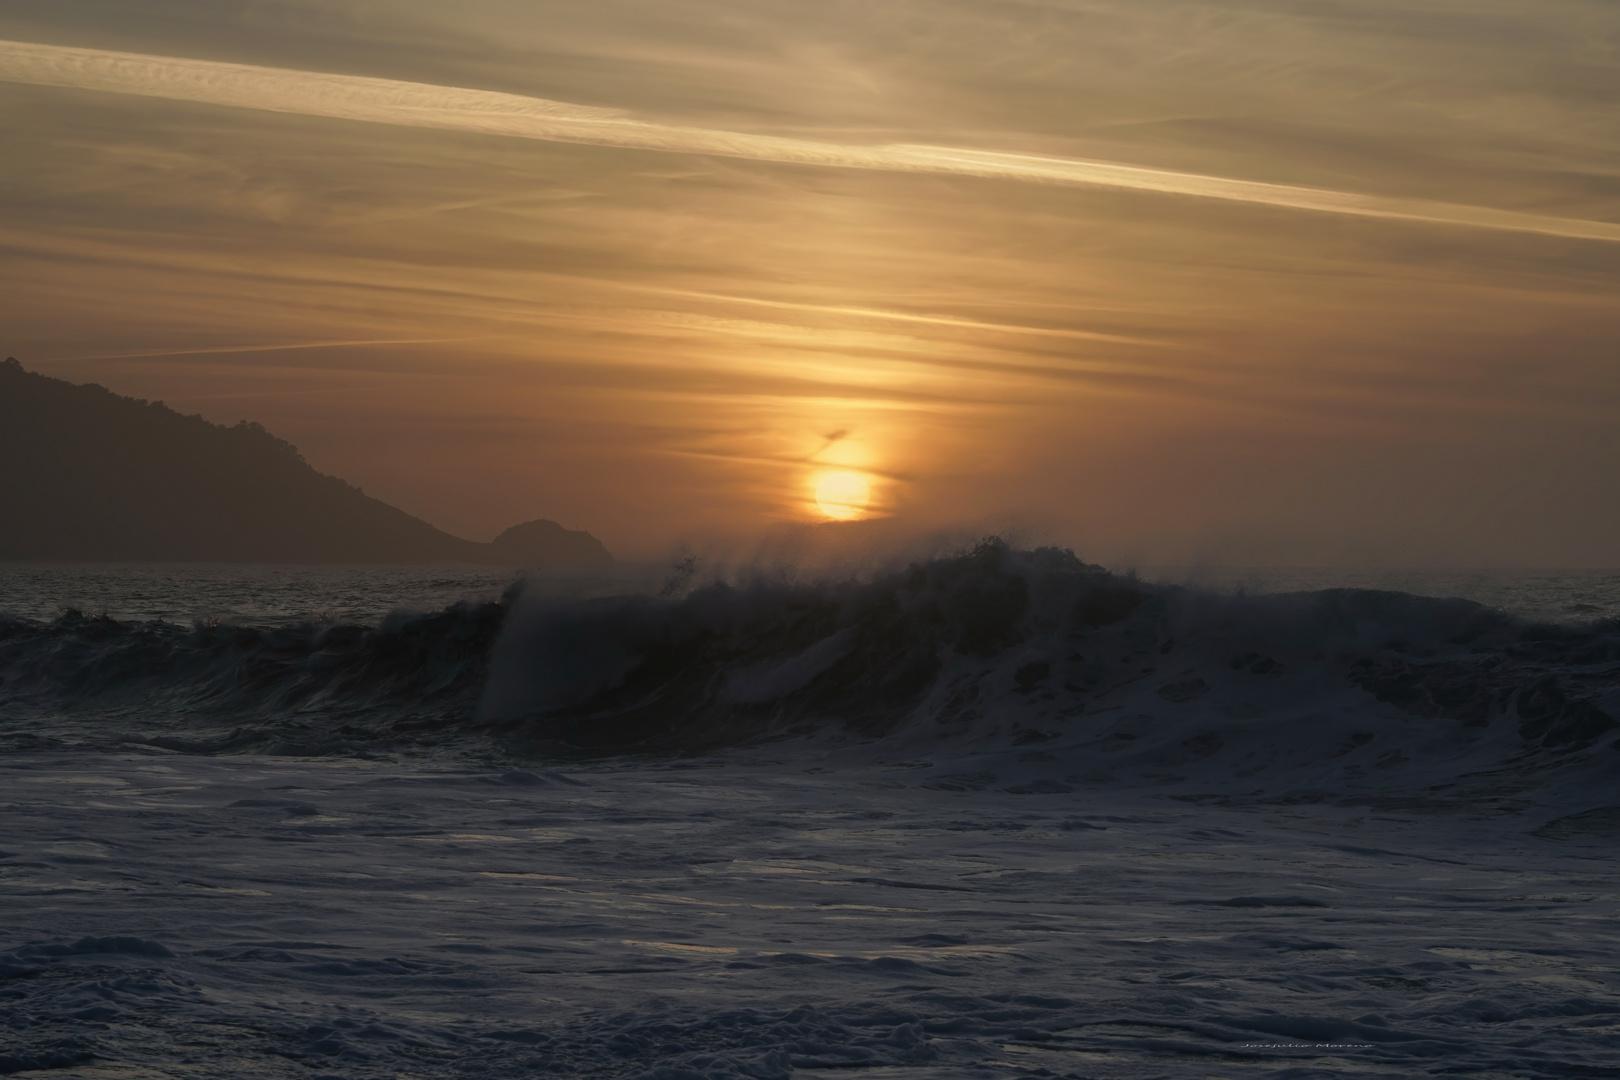 encuentro agua y fuego, Saians (Pontevedra)